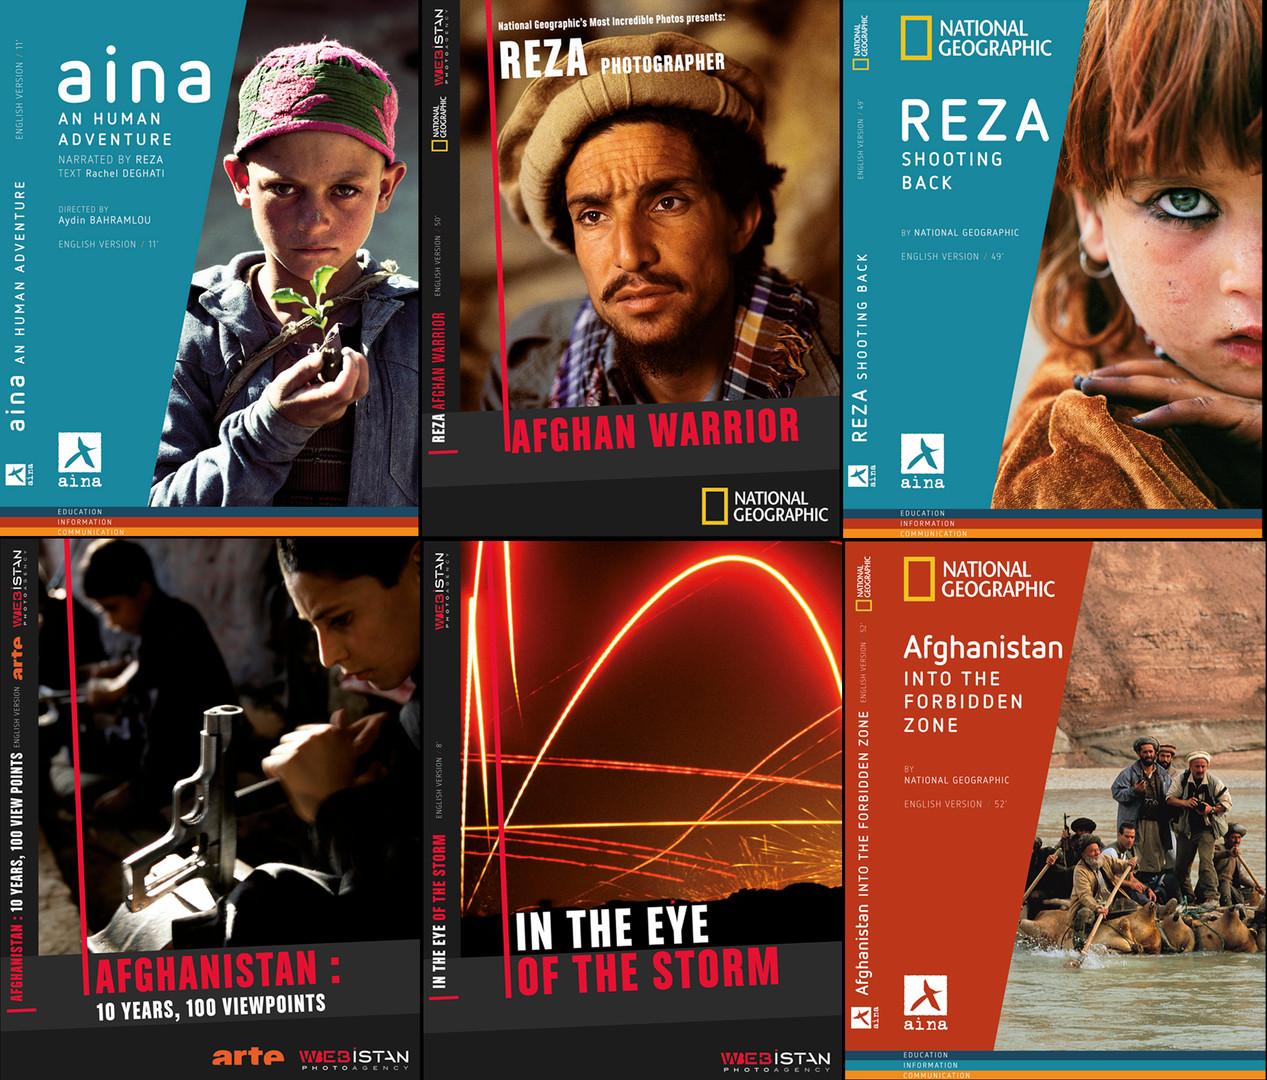 Books by Reza